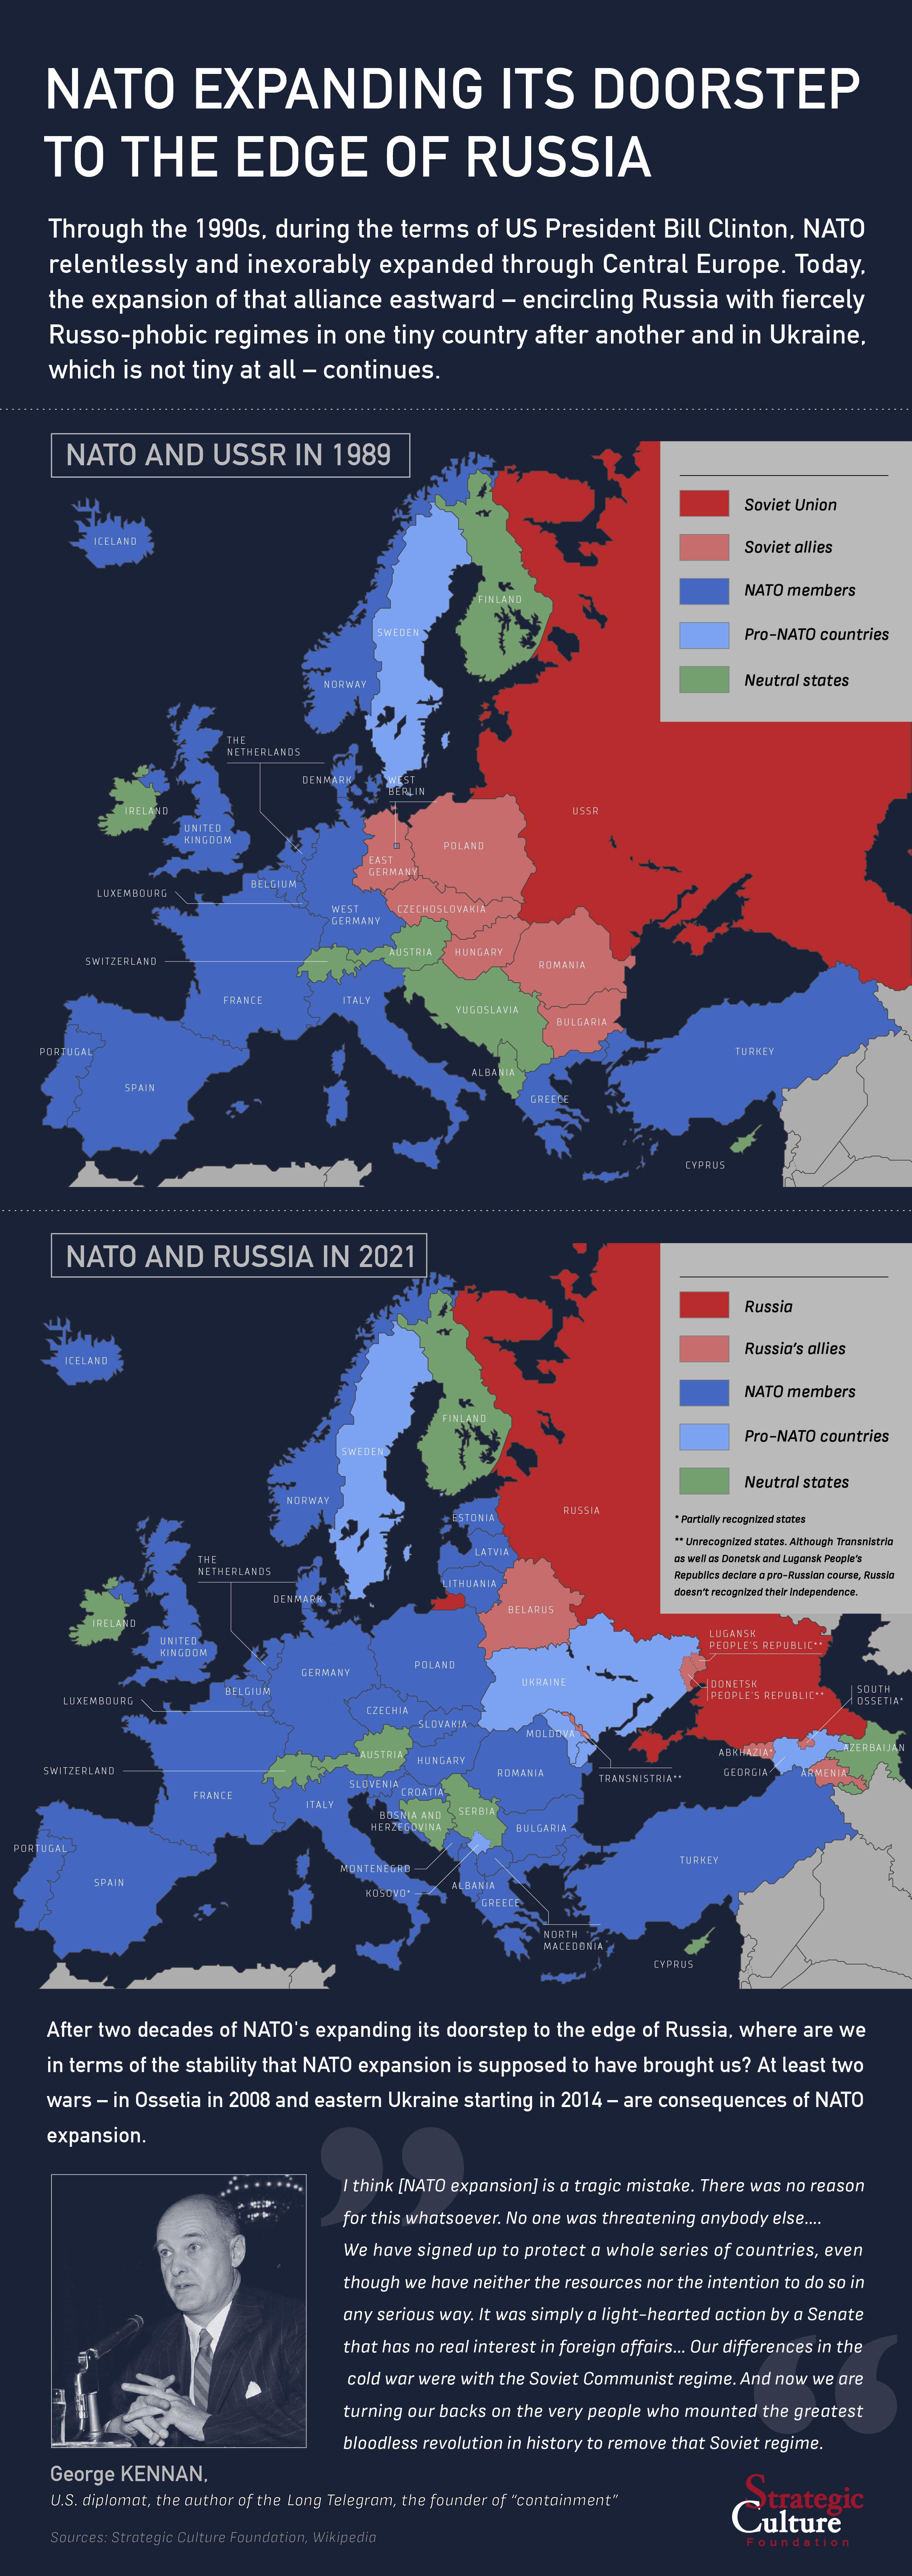 Gefährliche Entwicklung! Die NATO dehnt ihre Türschwelle bis an den Rand Russlands aus